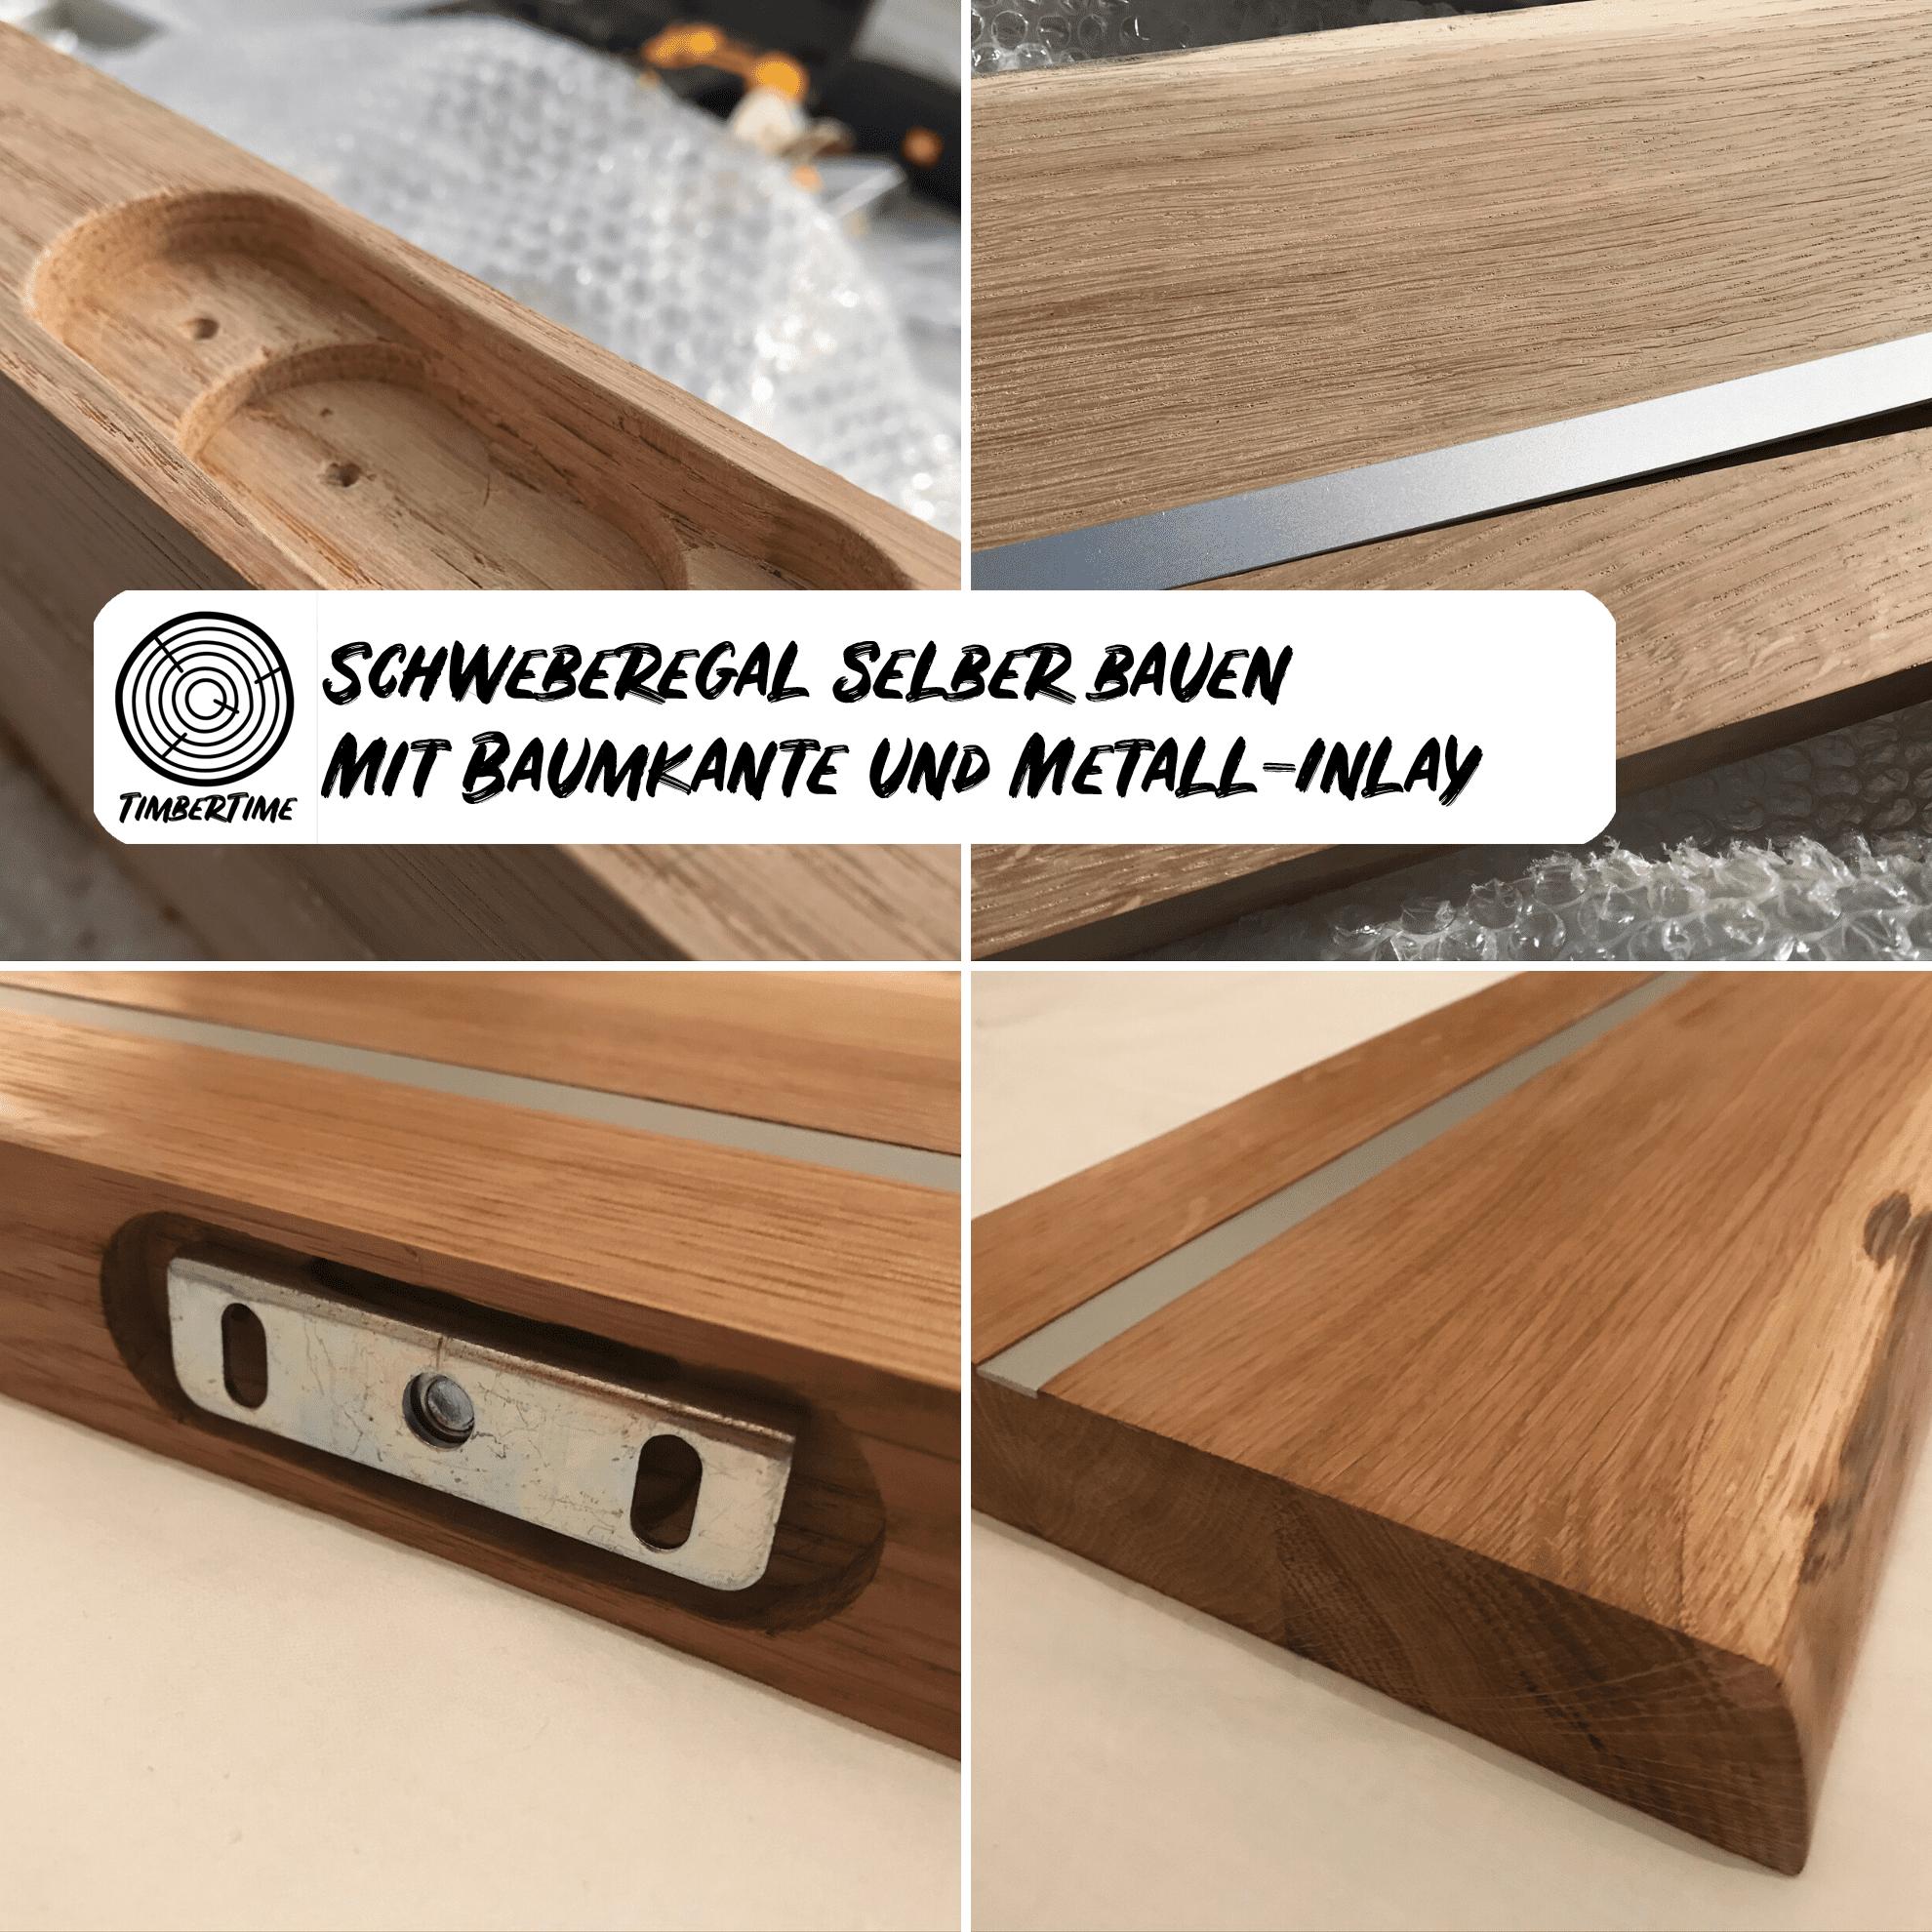 Schweberegal Selber Bauen Mit Baumkante Und Optionalem Metall Inlay